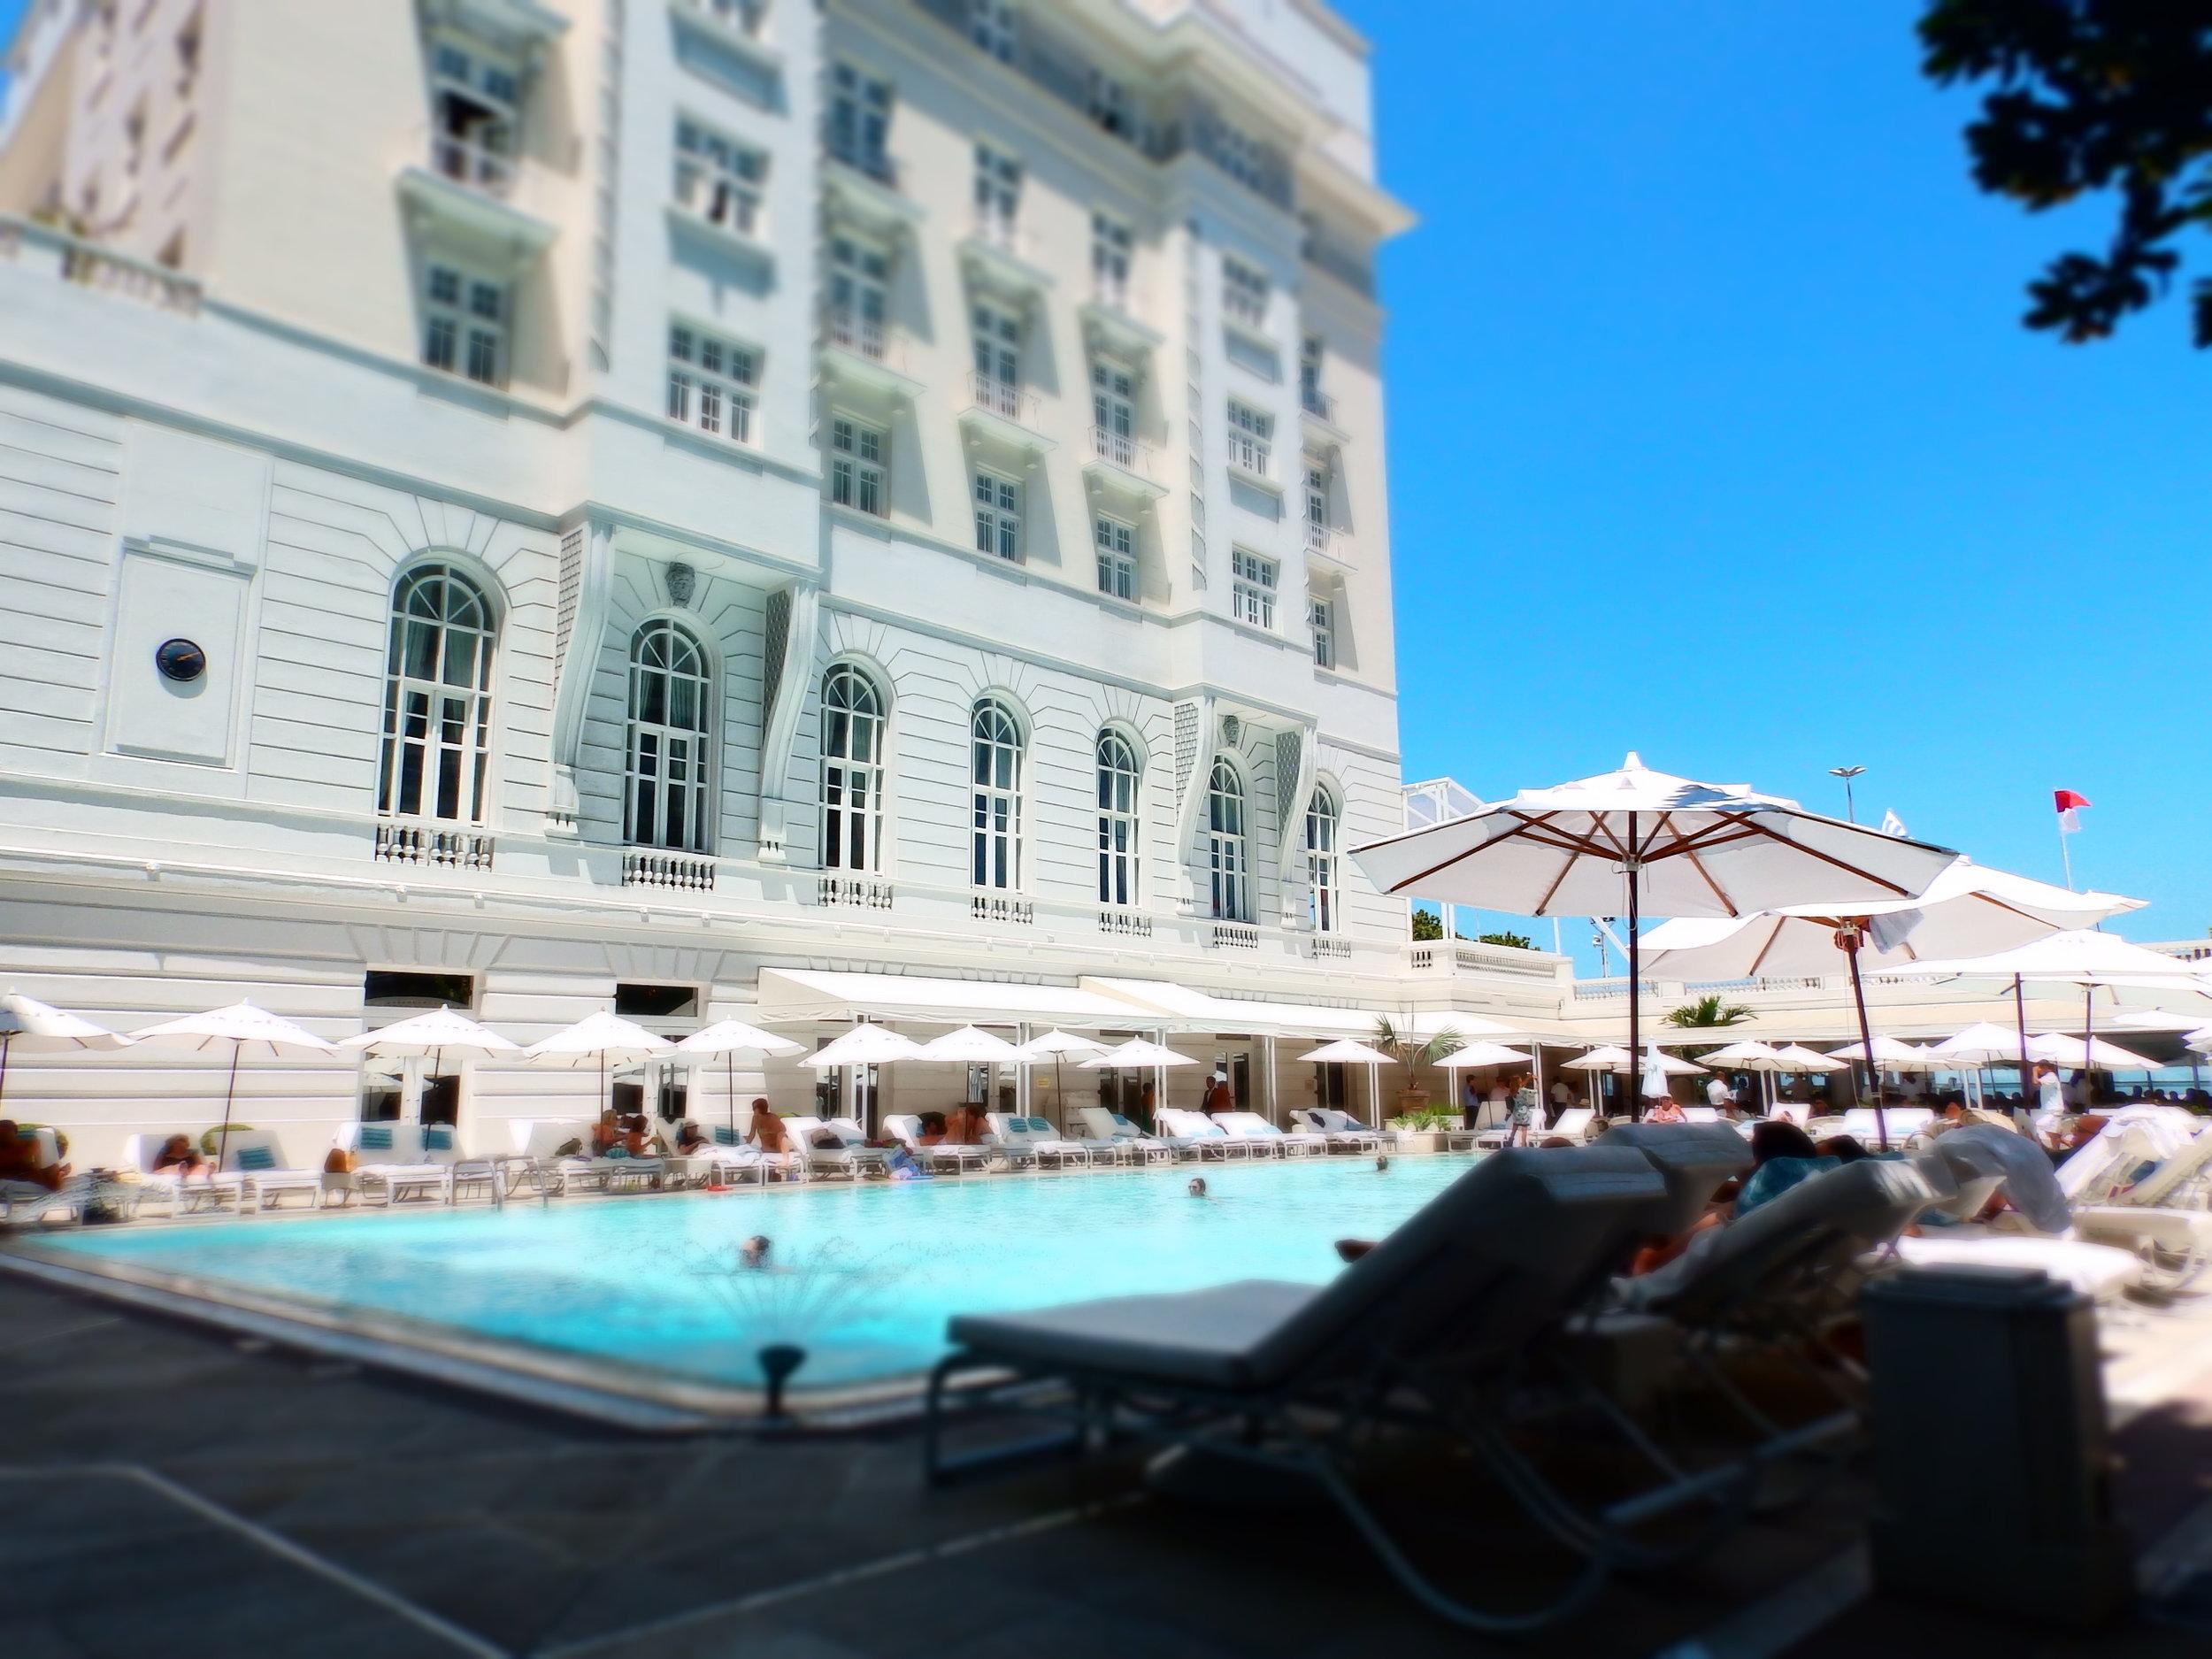 La piscina del legendario  Copacabana Palace , un oasis de elegancia en el barrio.